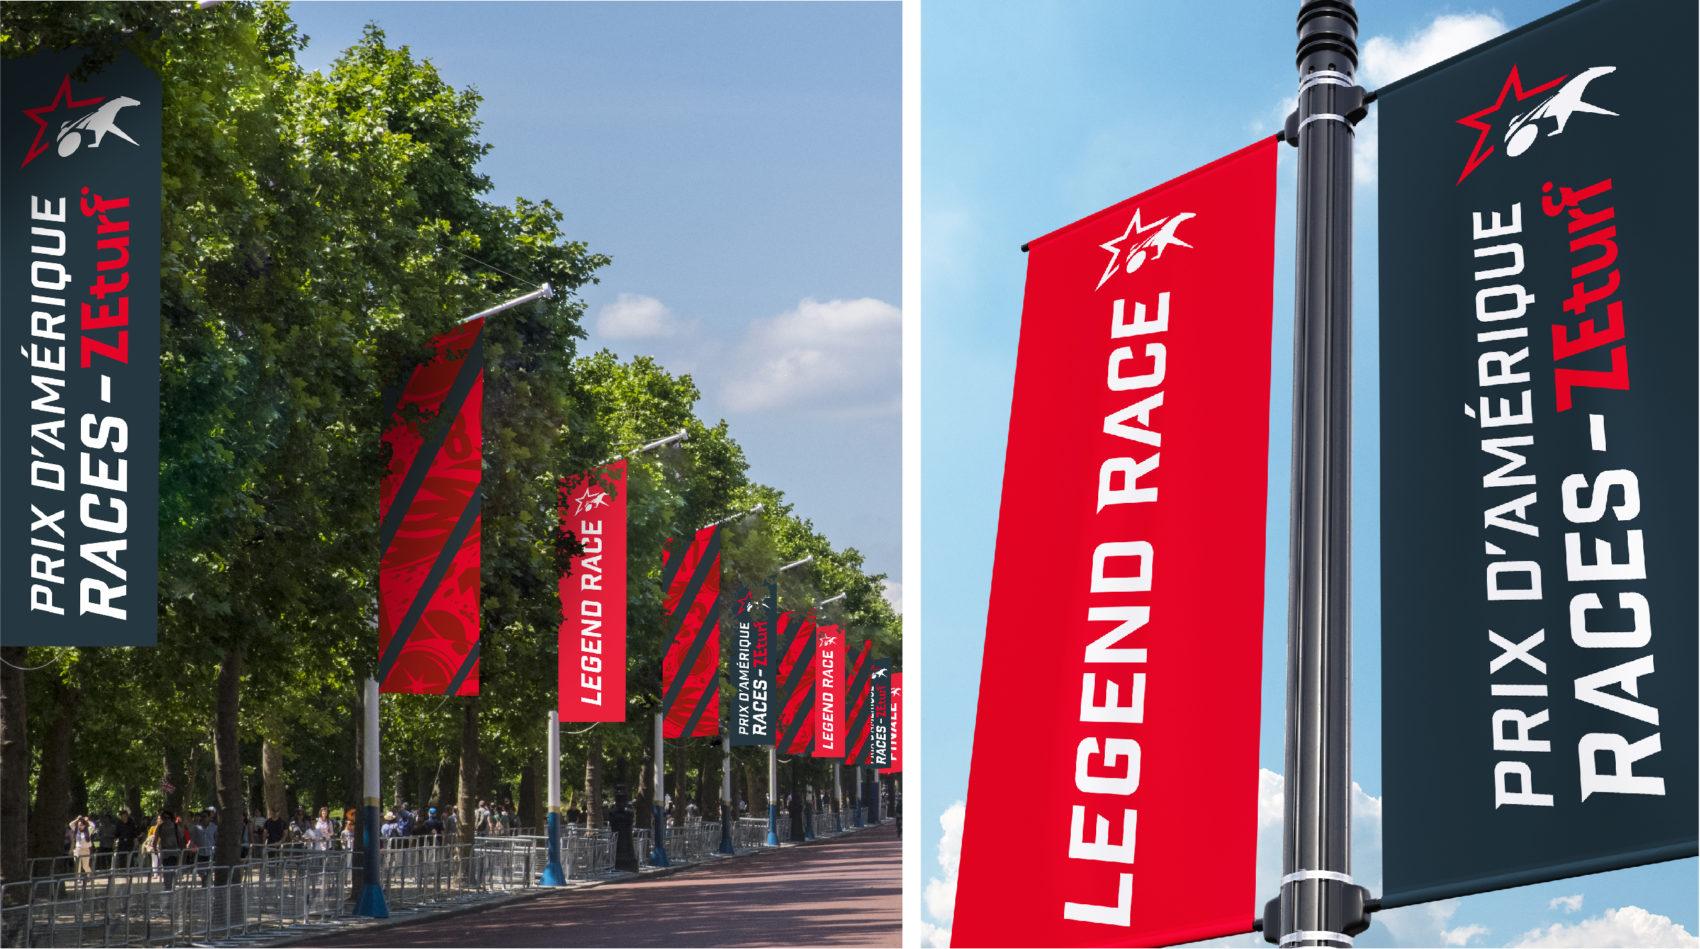 Cas_Agence_LeTROT_prix_damérique_races_zeturf_drapeaux